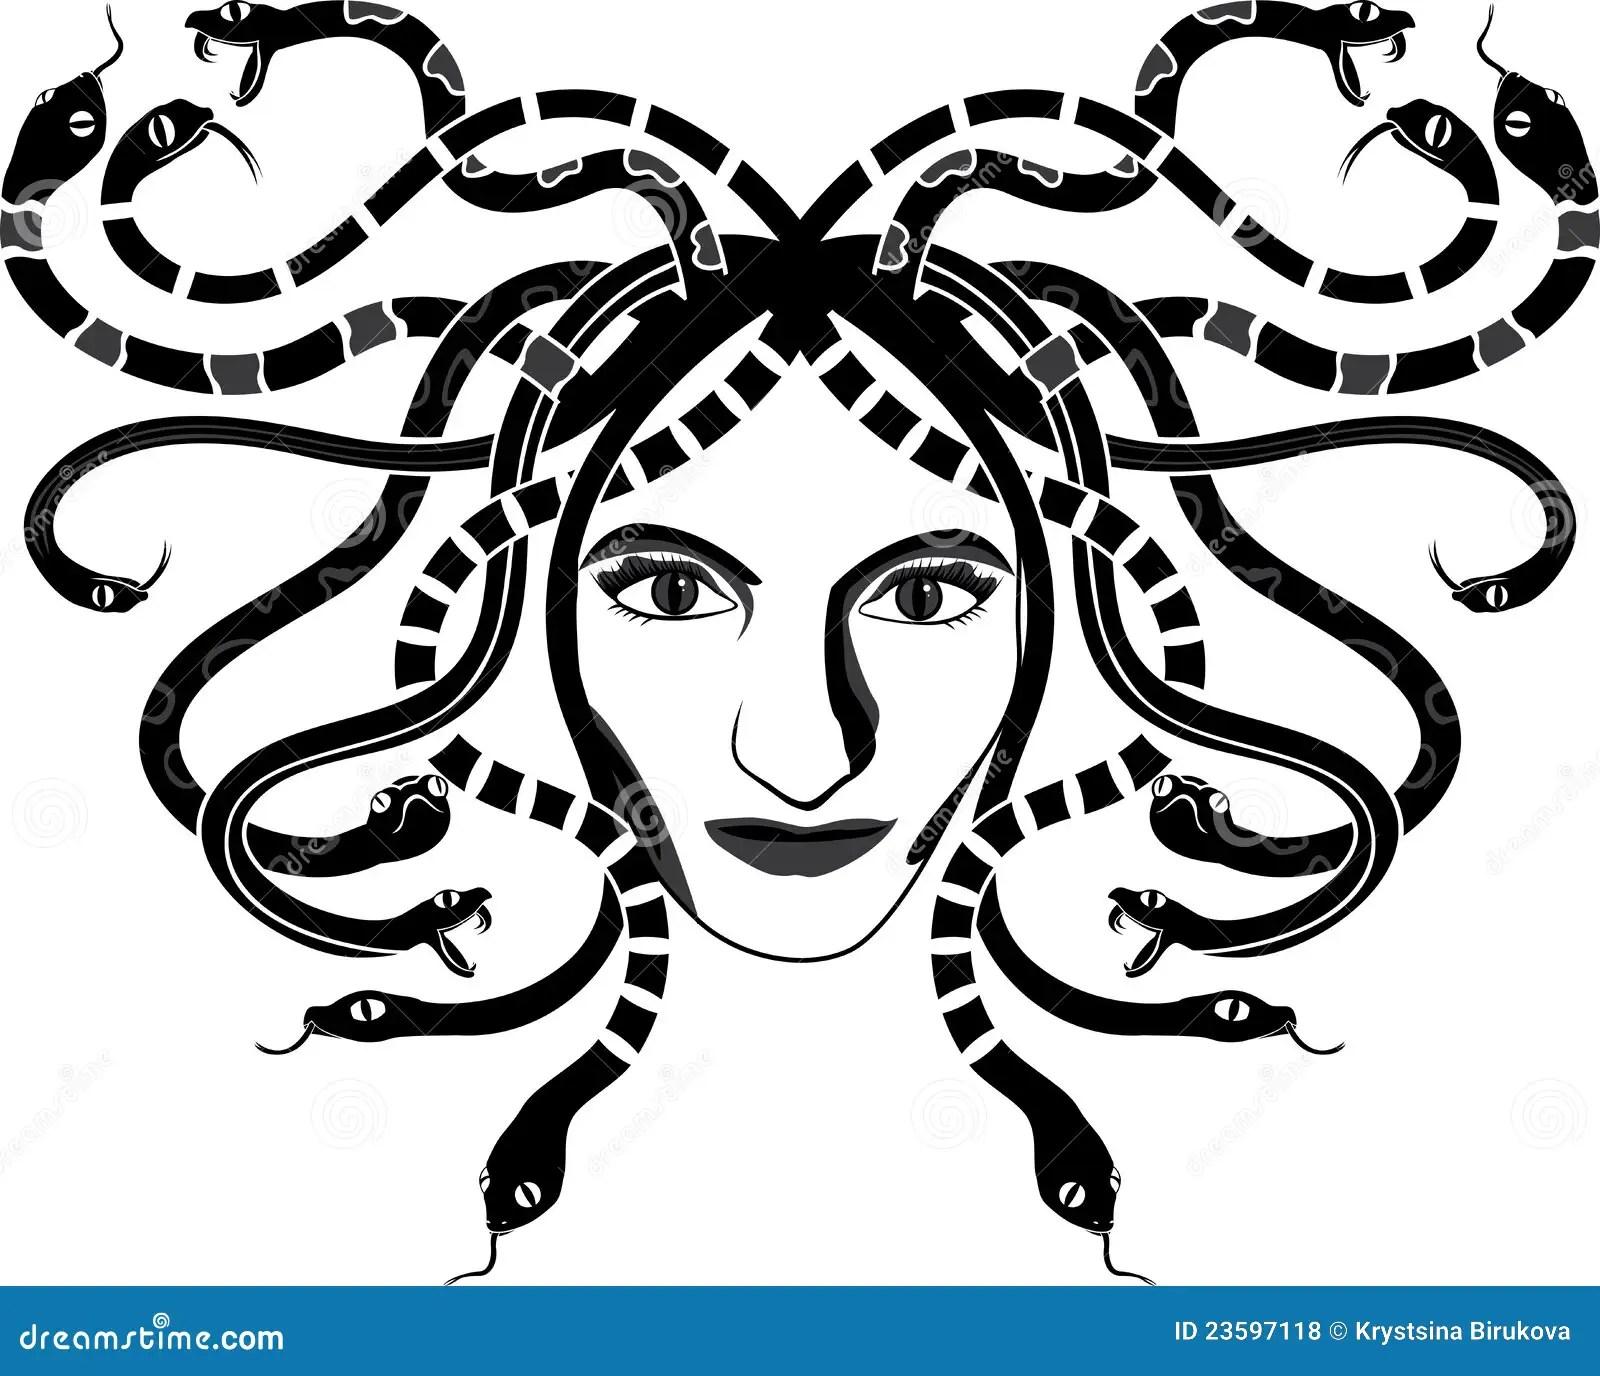 Medusa Gorgona Head Stock Vector Illustration Of